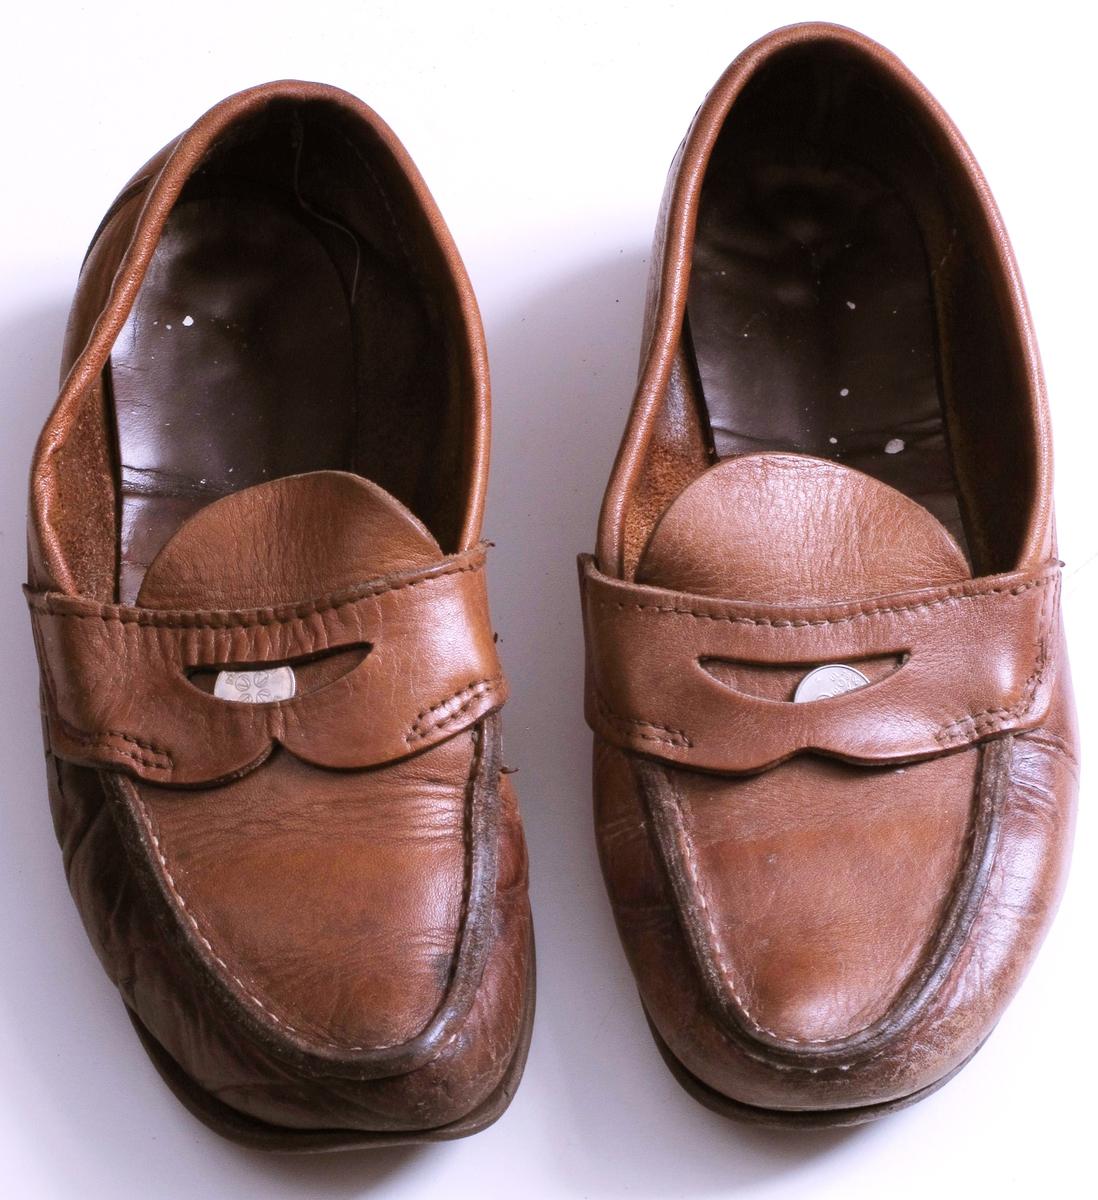 Brune makkasiner i lær, med brune gummisåler.  Lomme foran med 25-ører i.  Høyre sko har en metallstift i sålen rett foran hælen.  Velbrukte, høyre sko er gjennomslitt på utsiden av foten, og med malingflekker oppi.